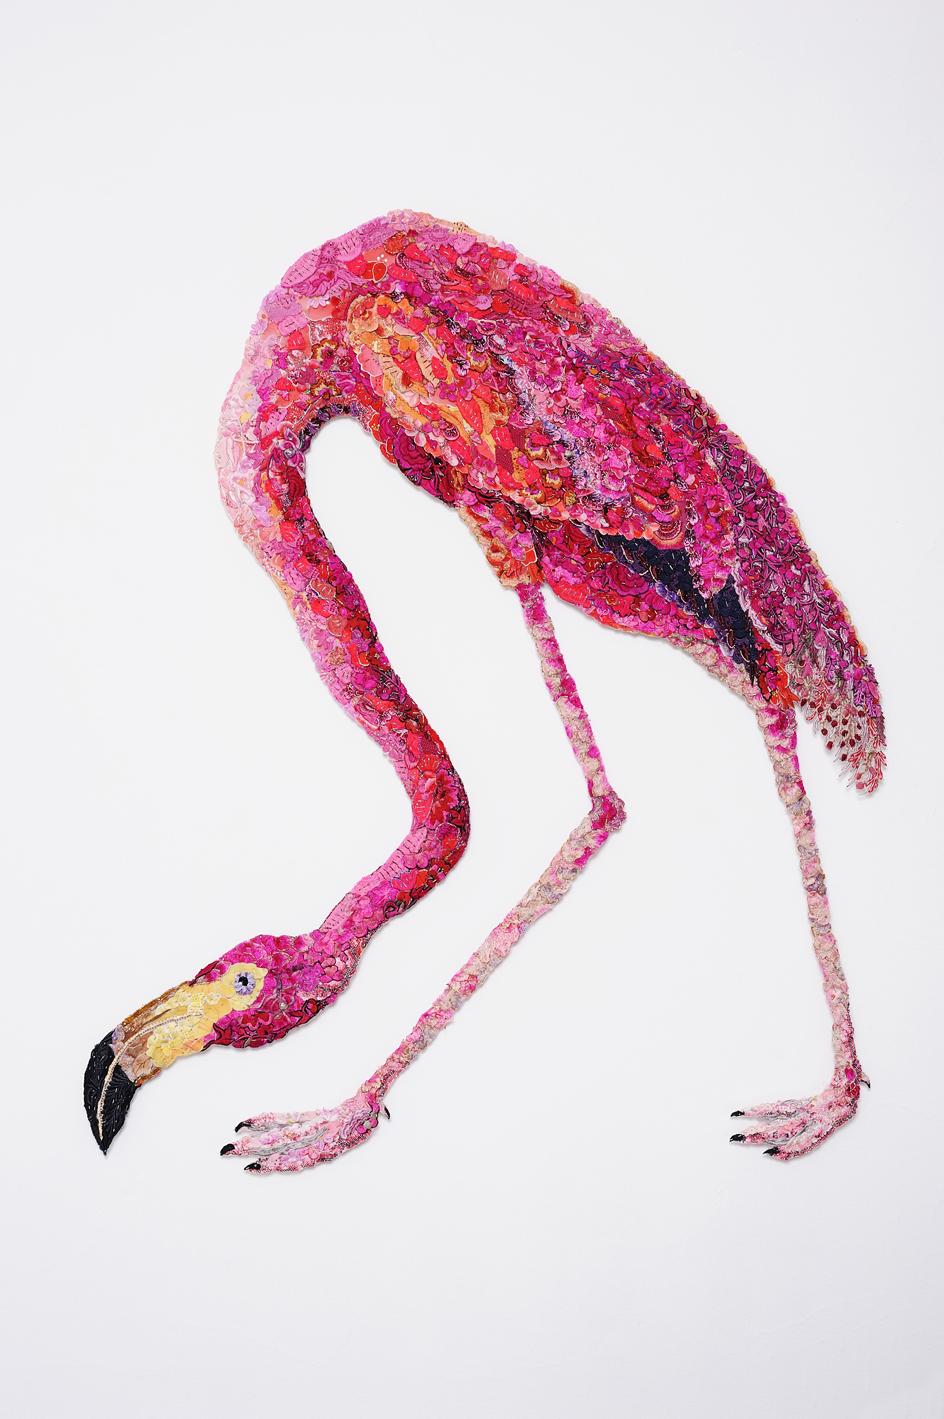 Flaming Flamingo 2011 after John James Audubon 1838